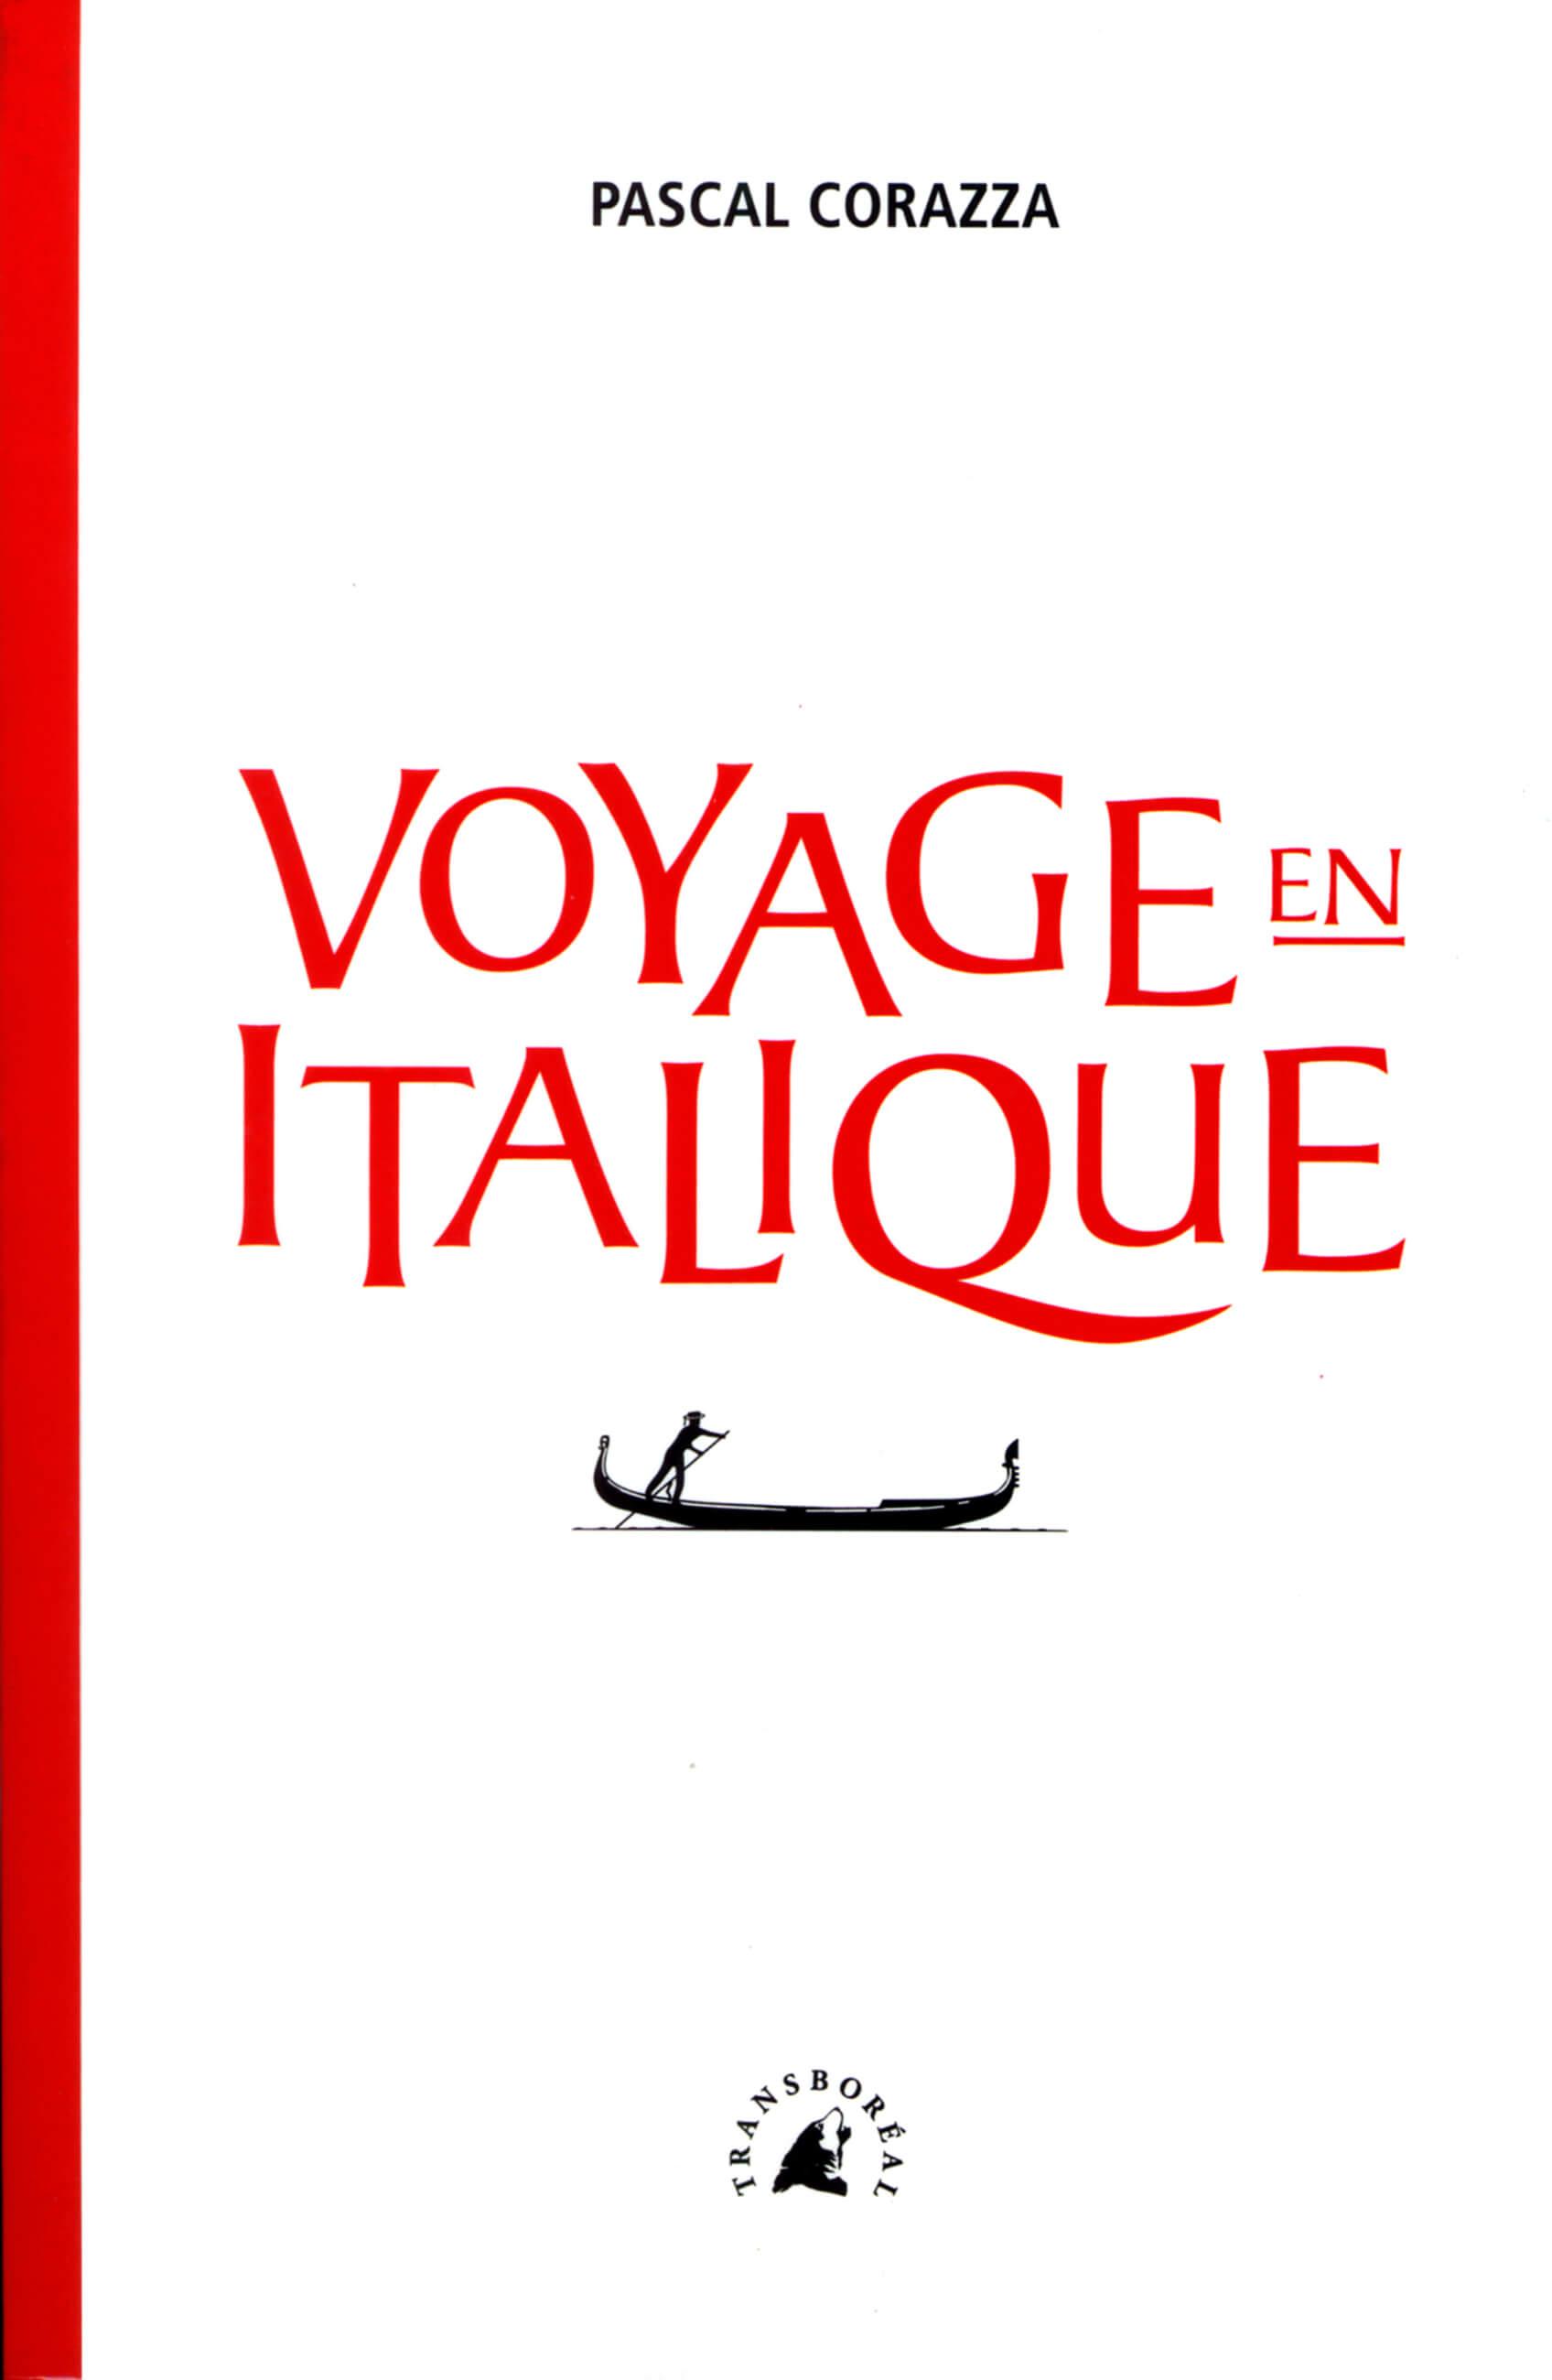 PDM 2012 - Pascal CORAZZA  - Voyage en italique - Éditions Transboréal